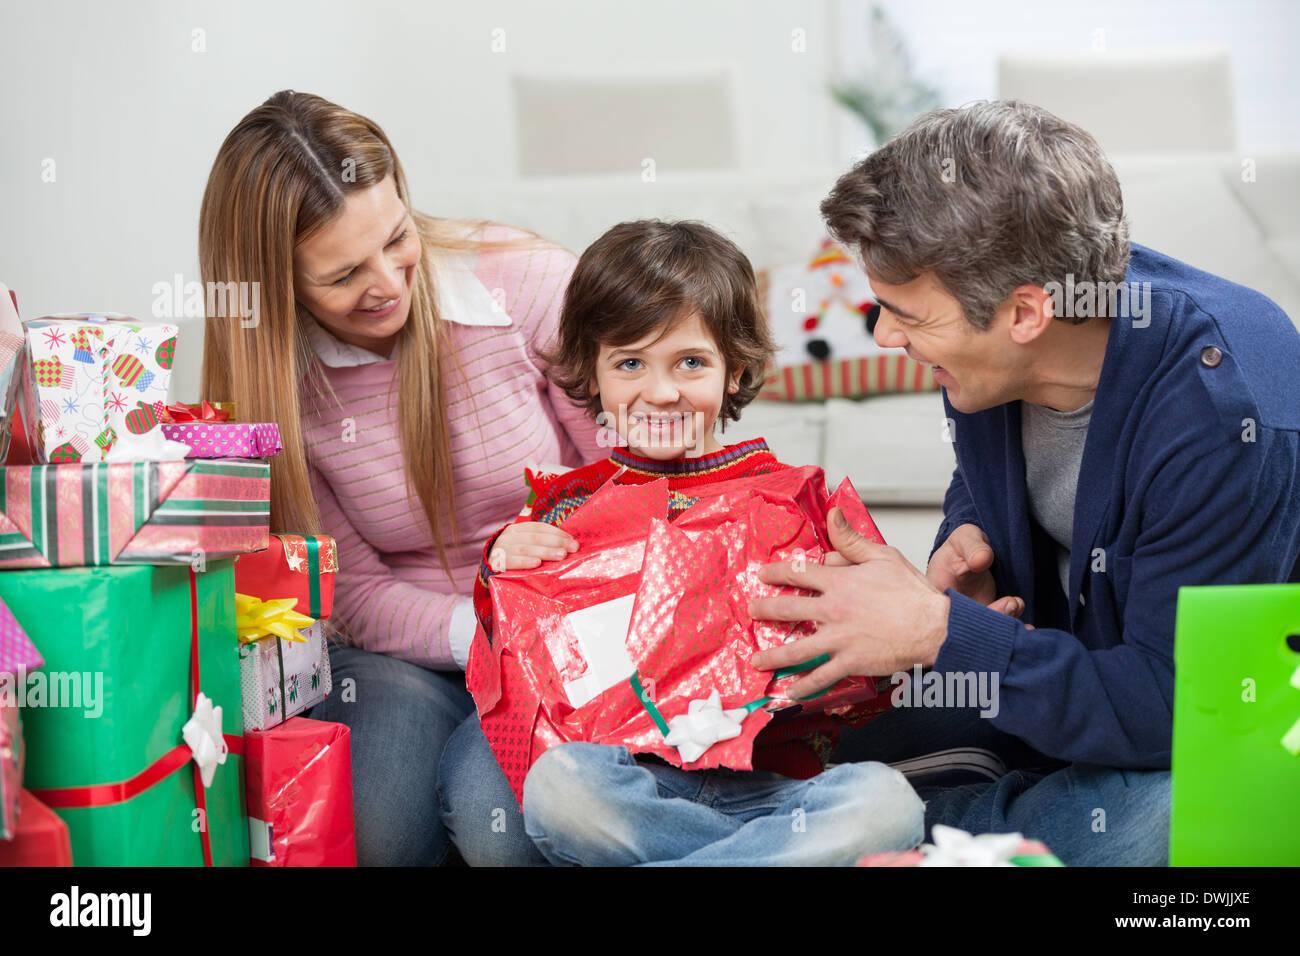 Junge und Eltern öffnen Weihnachtsgeschenk Stockbild